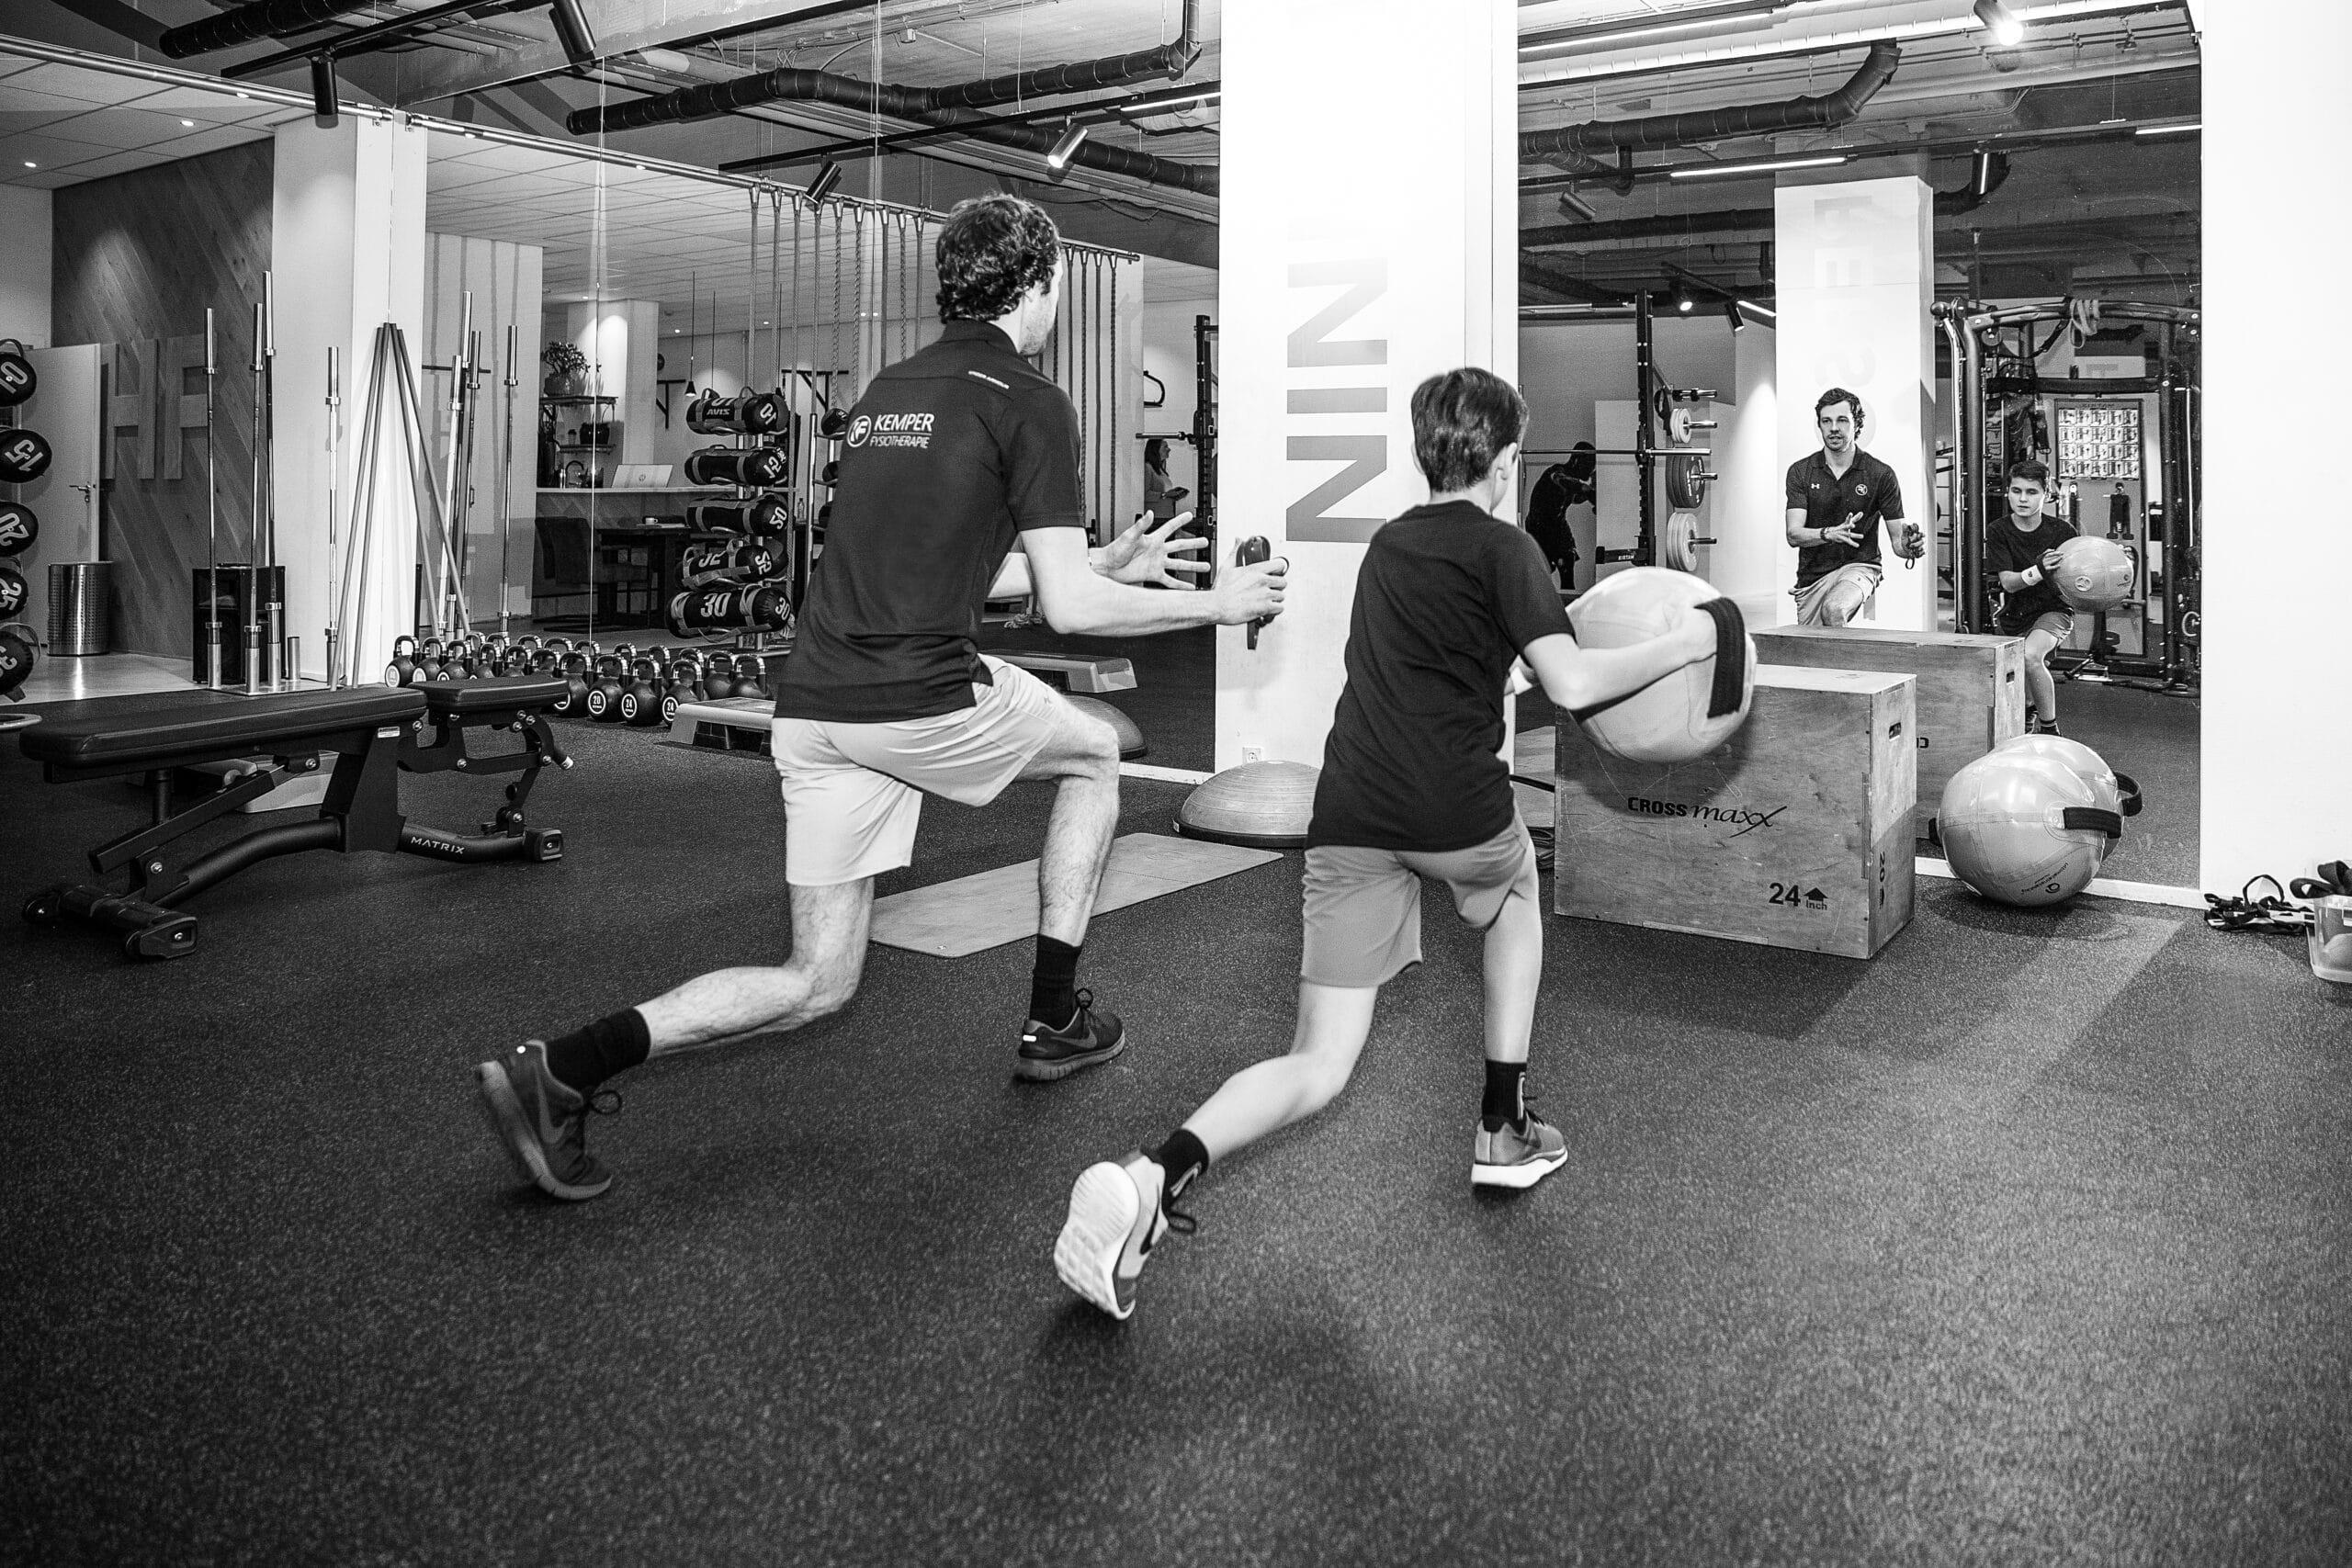 fysio oefening